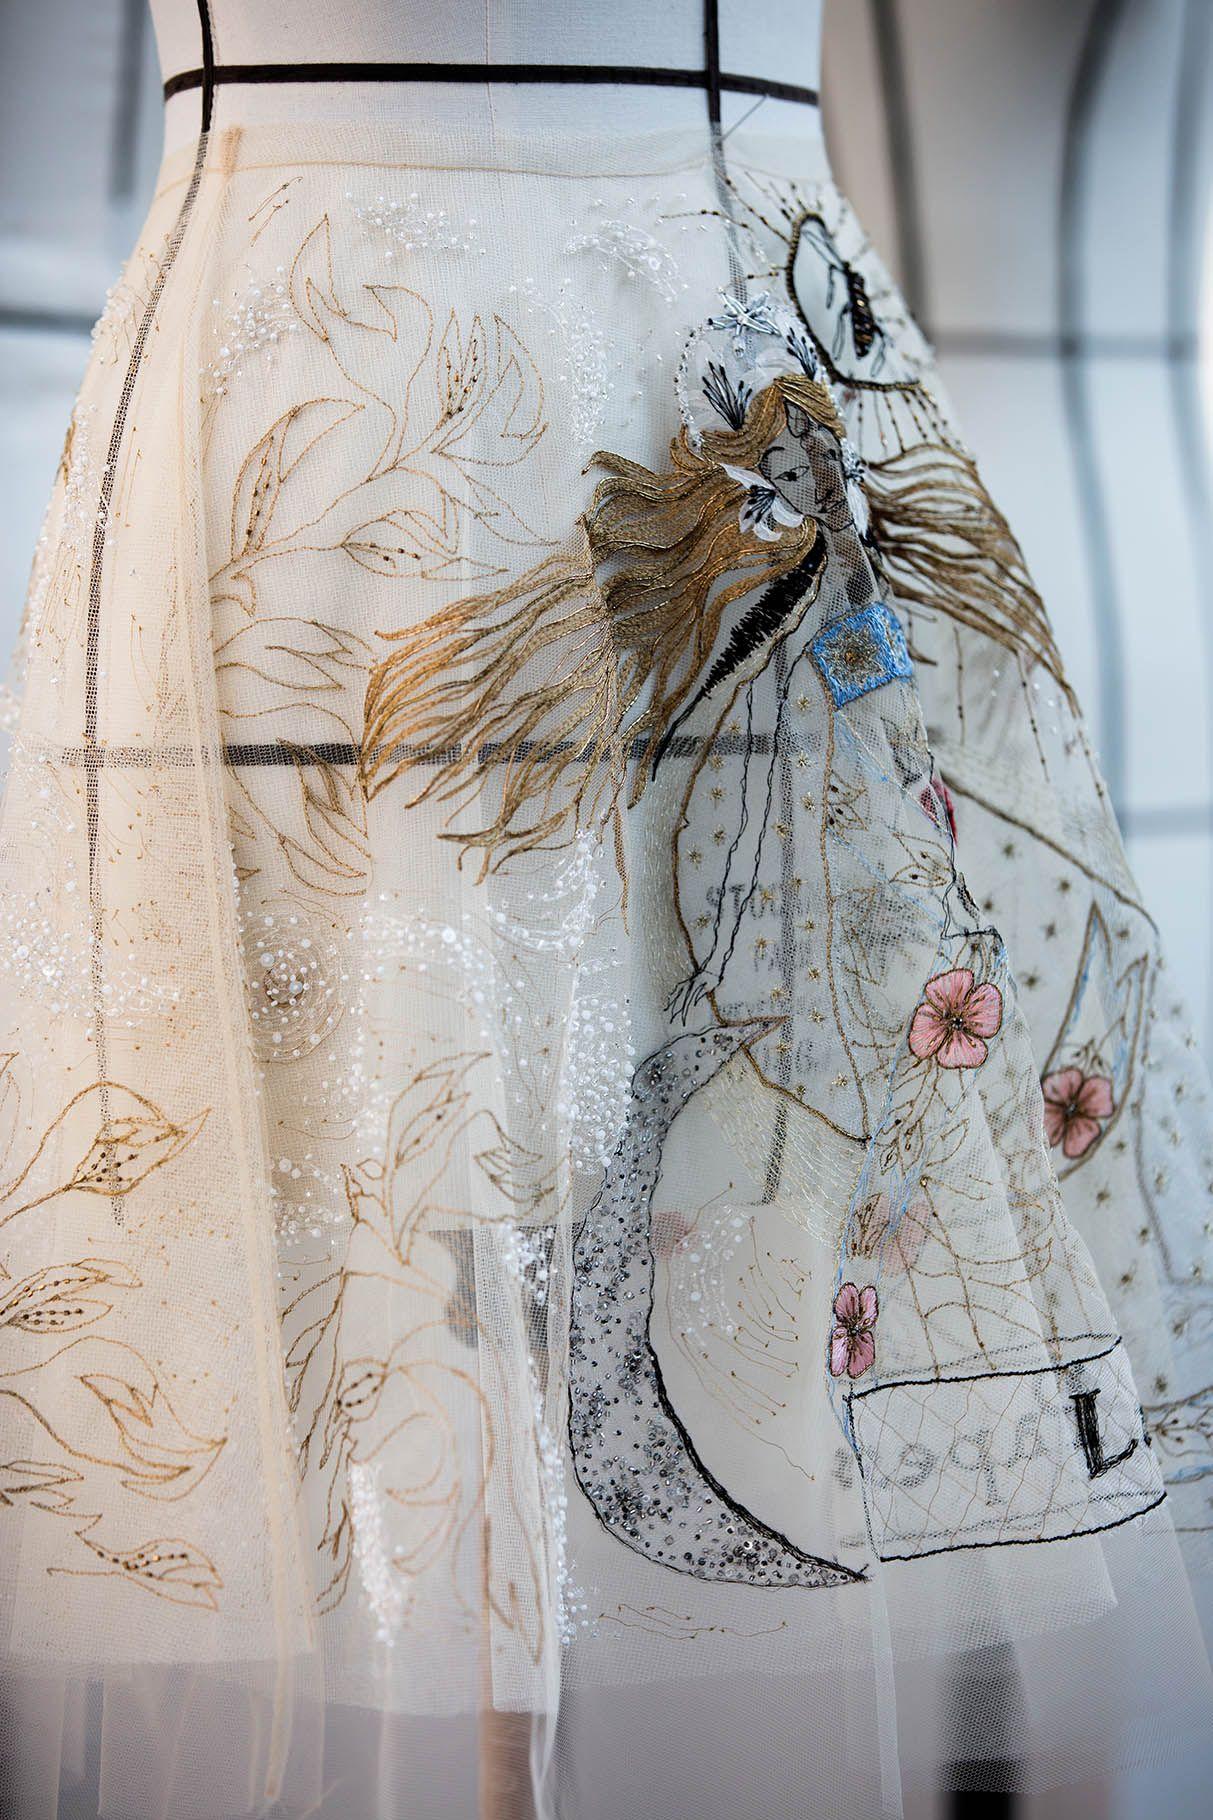 04791a9861 Savoir-faire | Detail | Dior couture, Dior haute couture, Fashion